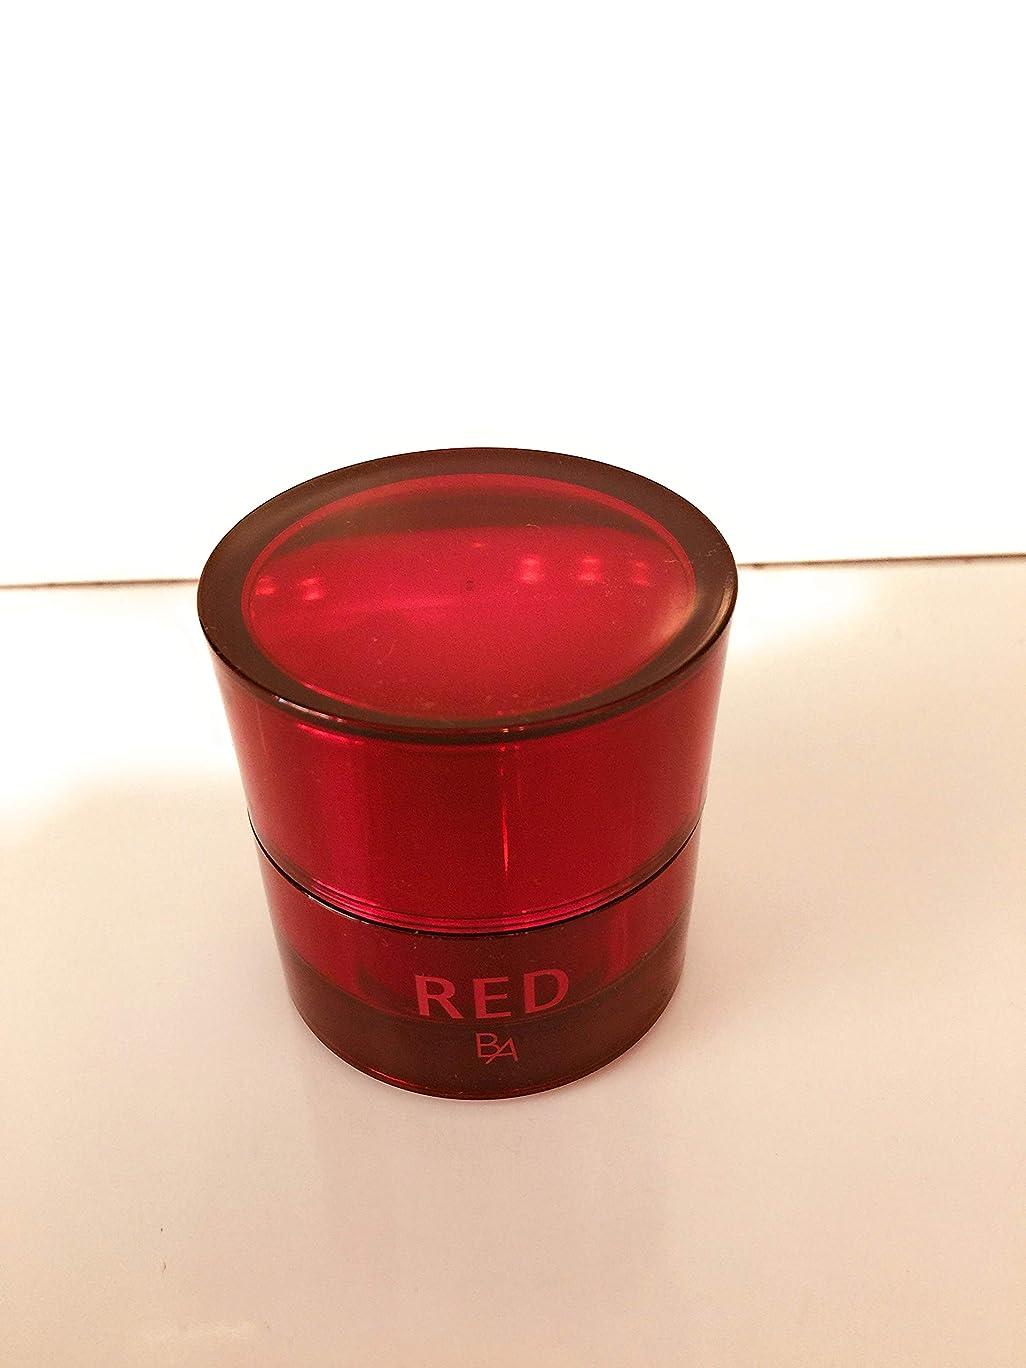 スパイラル添加剤適応するポーラ RED B.A クリーム 30g